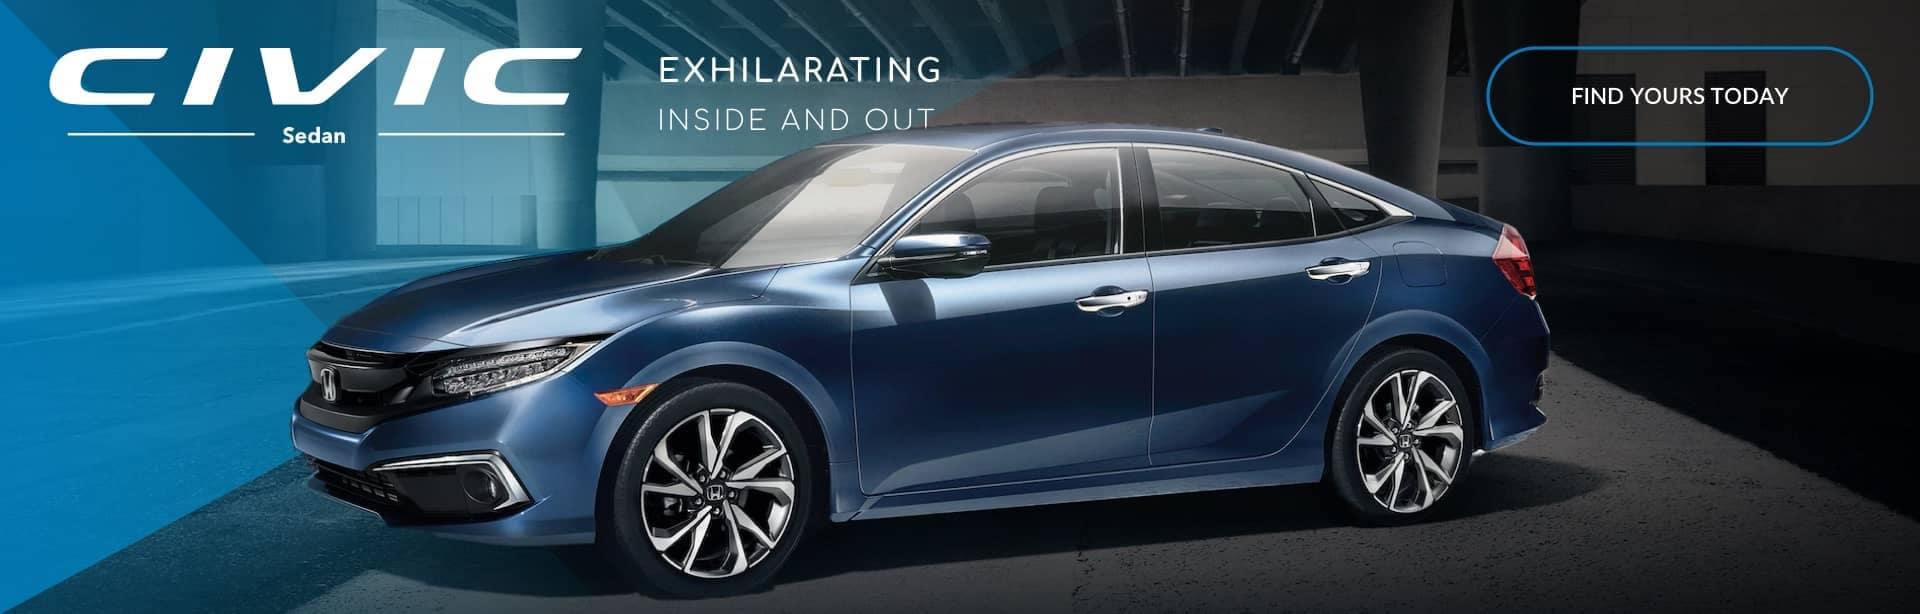 Honda Civic sedan exhilarating inside and out